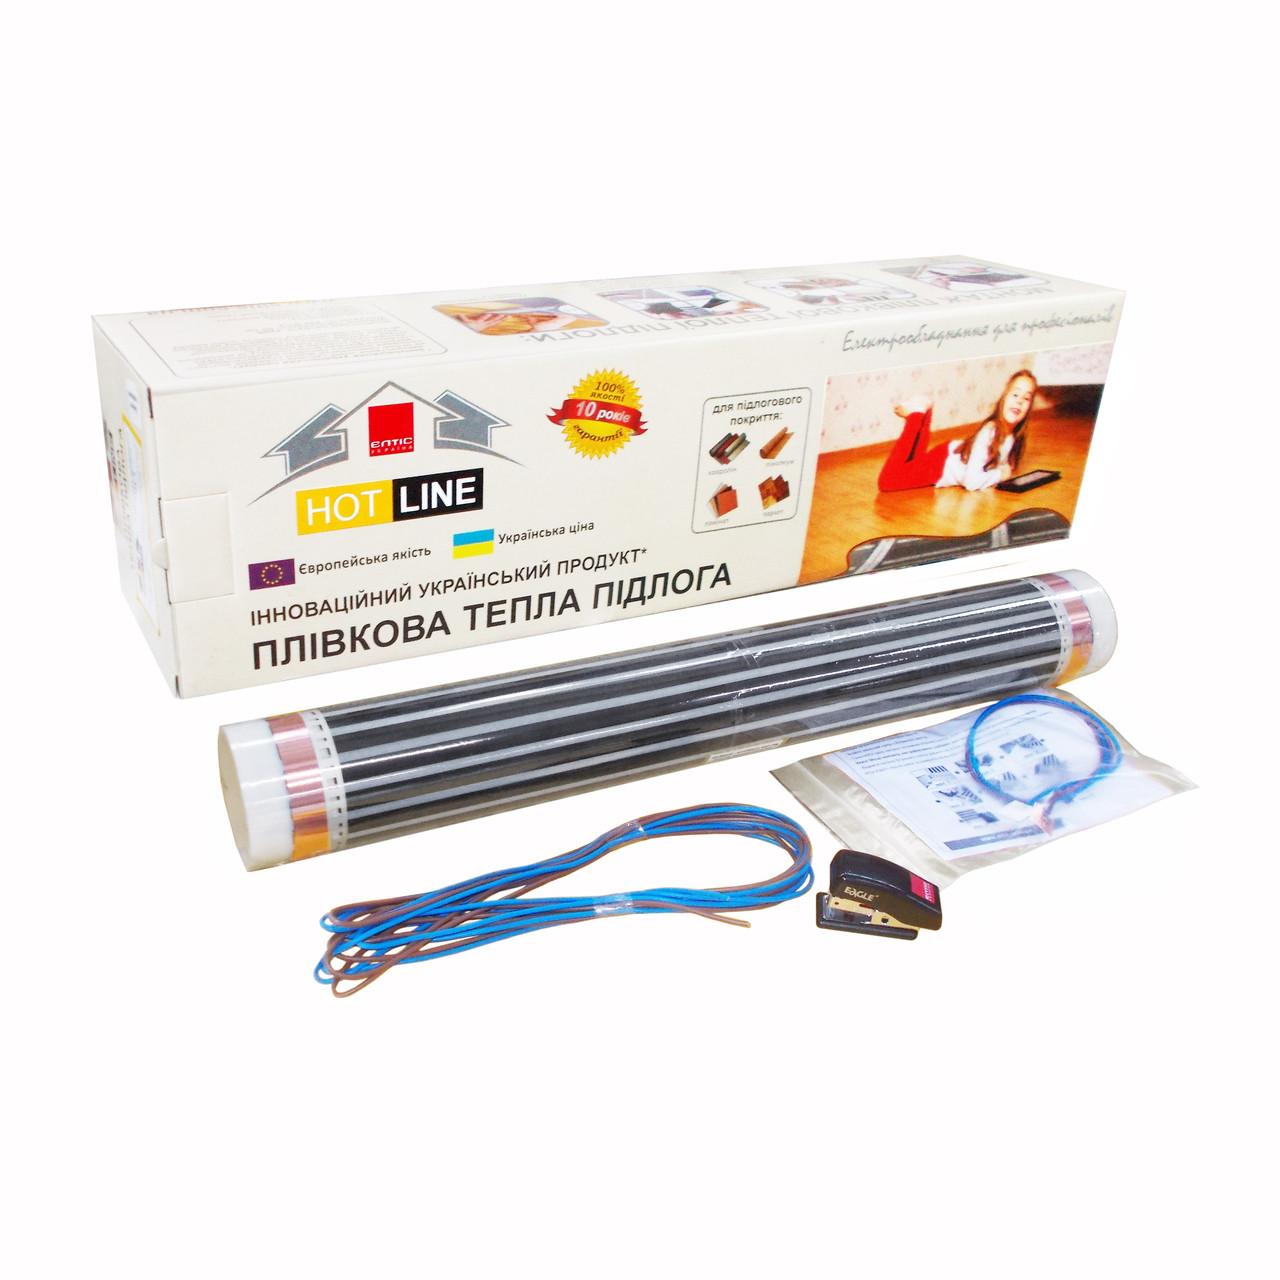 Пленочный пол HOT LINE ПП-4 (0,5х8м) Элтис Украина